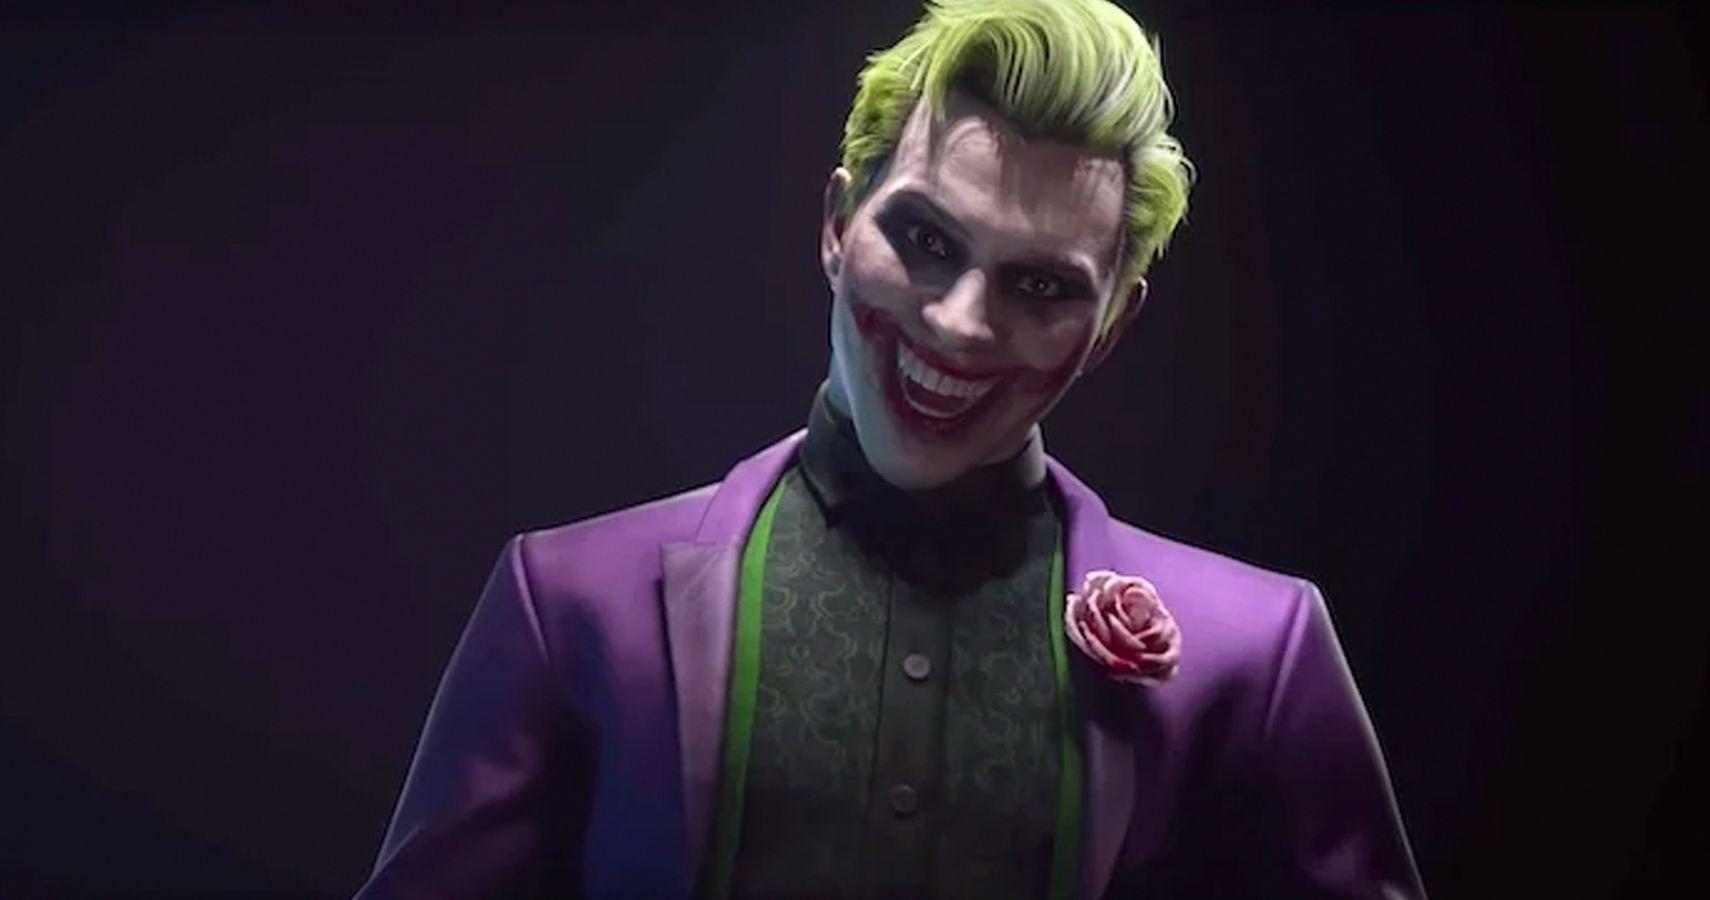 The Joker arrives in Mortal Kombat 11 on 28 Jan